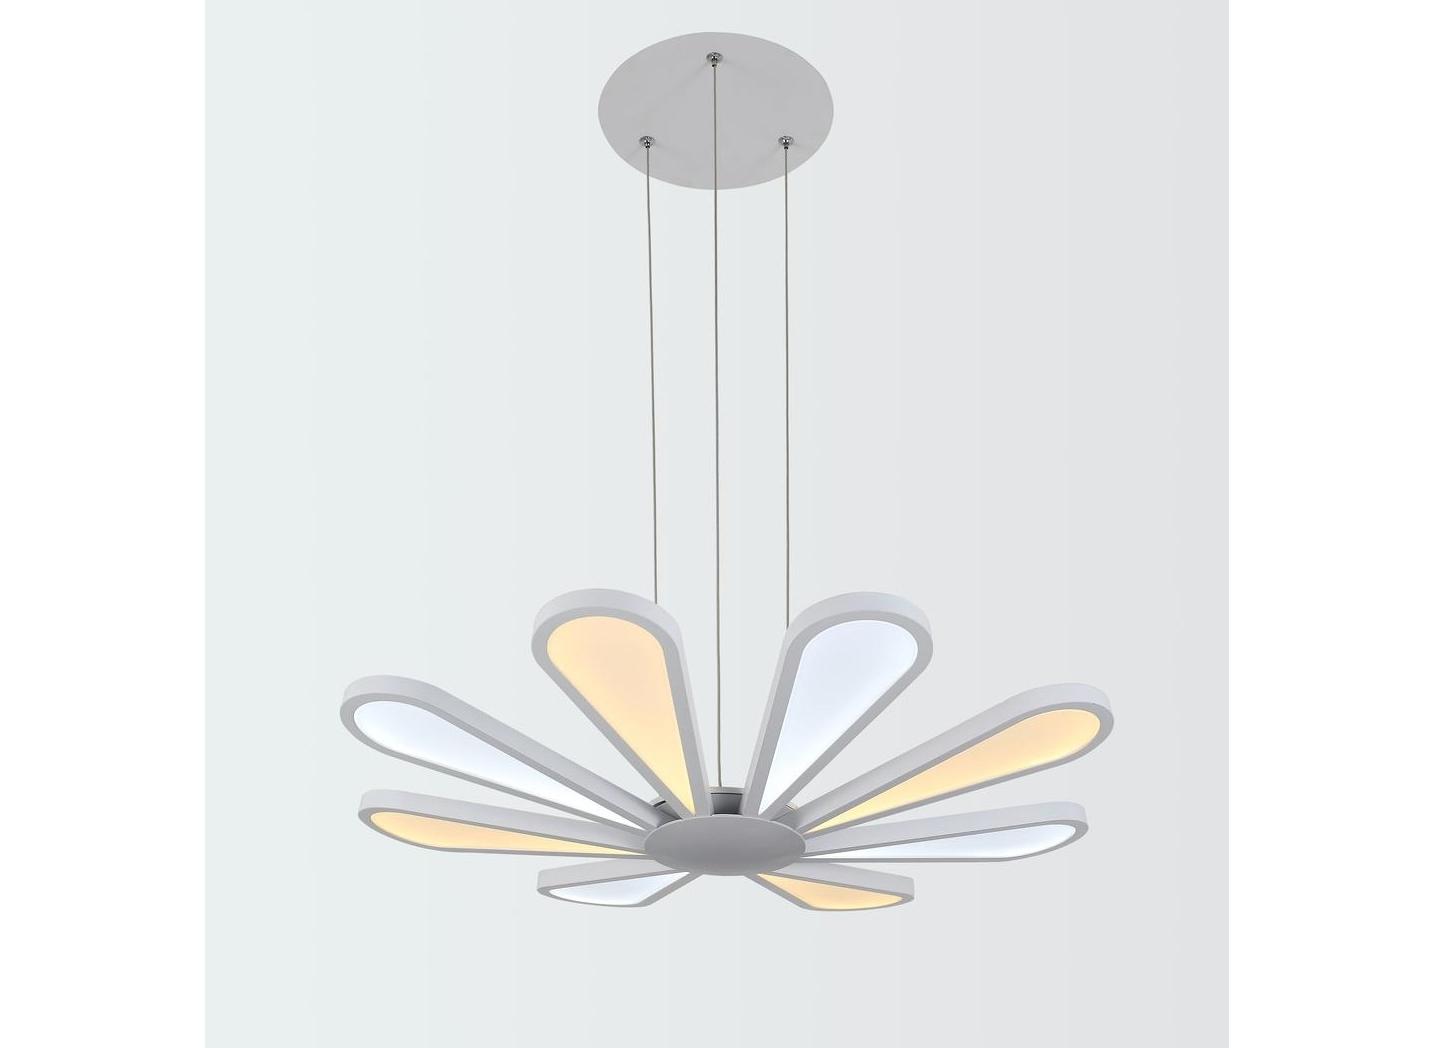 Подвесной светильник MiracoliПодвесные светильники<br>Материал: Сталь/алюминий/акрил<br>Design by Lucia Tucci Italy<br>Источник света:<br>LED: Edison/Eagler 72W<br>Температура свечения: 3000K+5700К<br>Световой поток: 2880 lm<br>Цвет Grey&amp;amp;nbsp;<br><br>Material: Металл<br>Height см: 49<br>Diameter см: 65